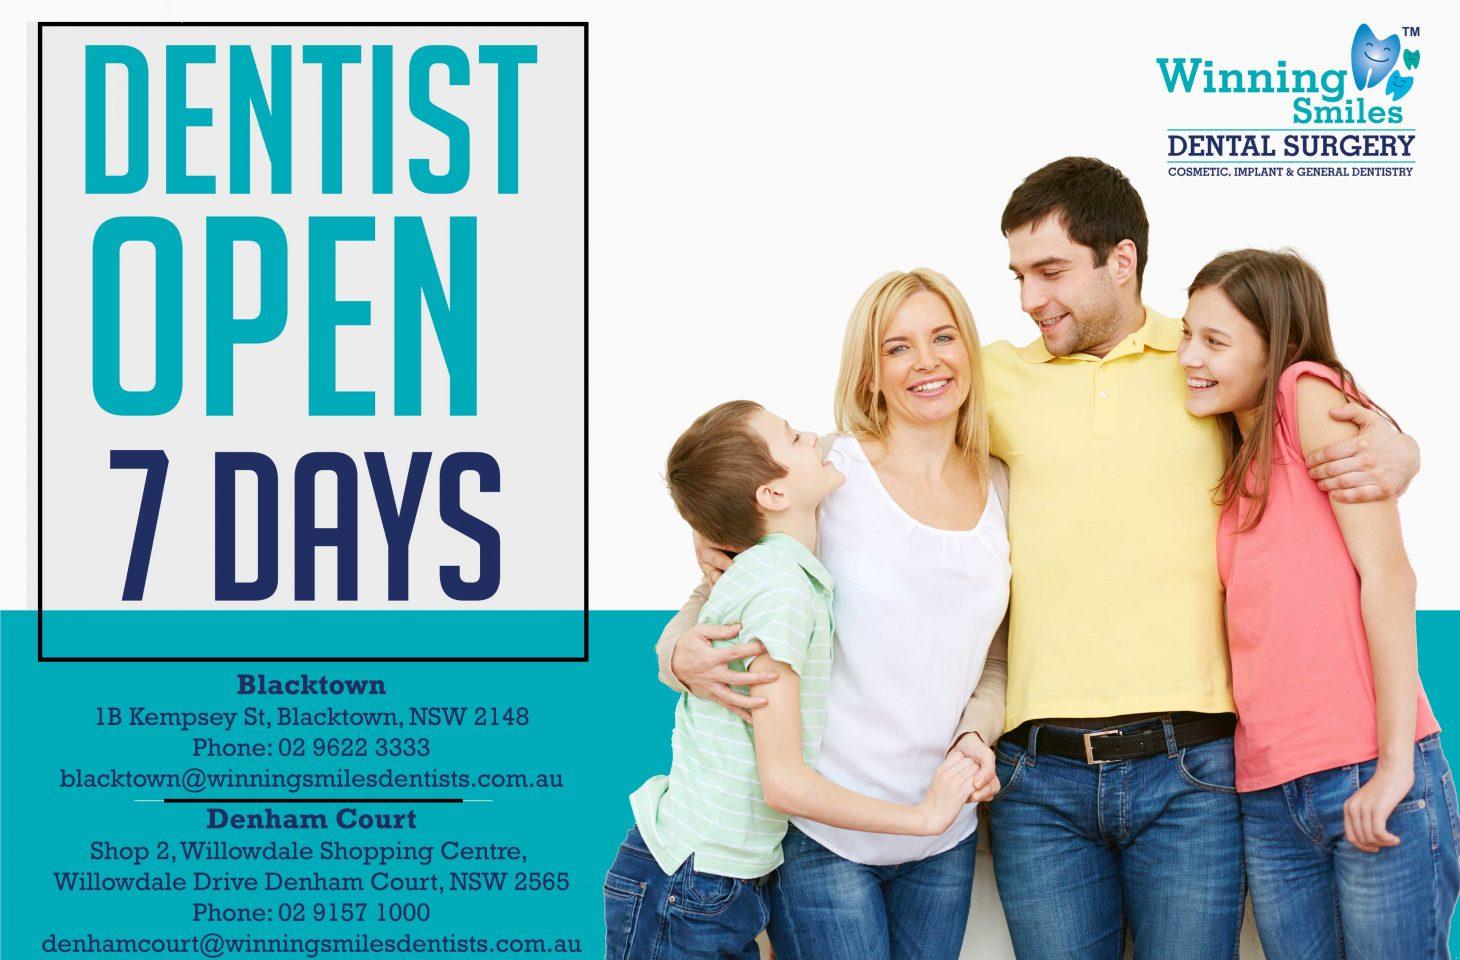 Dentist open 7 Days